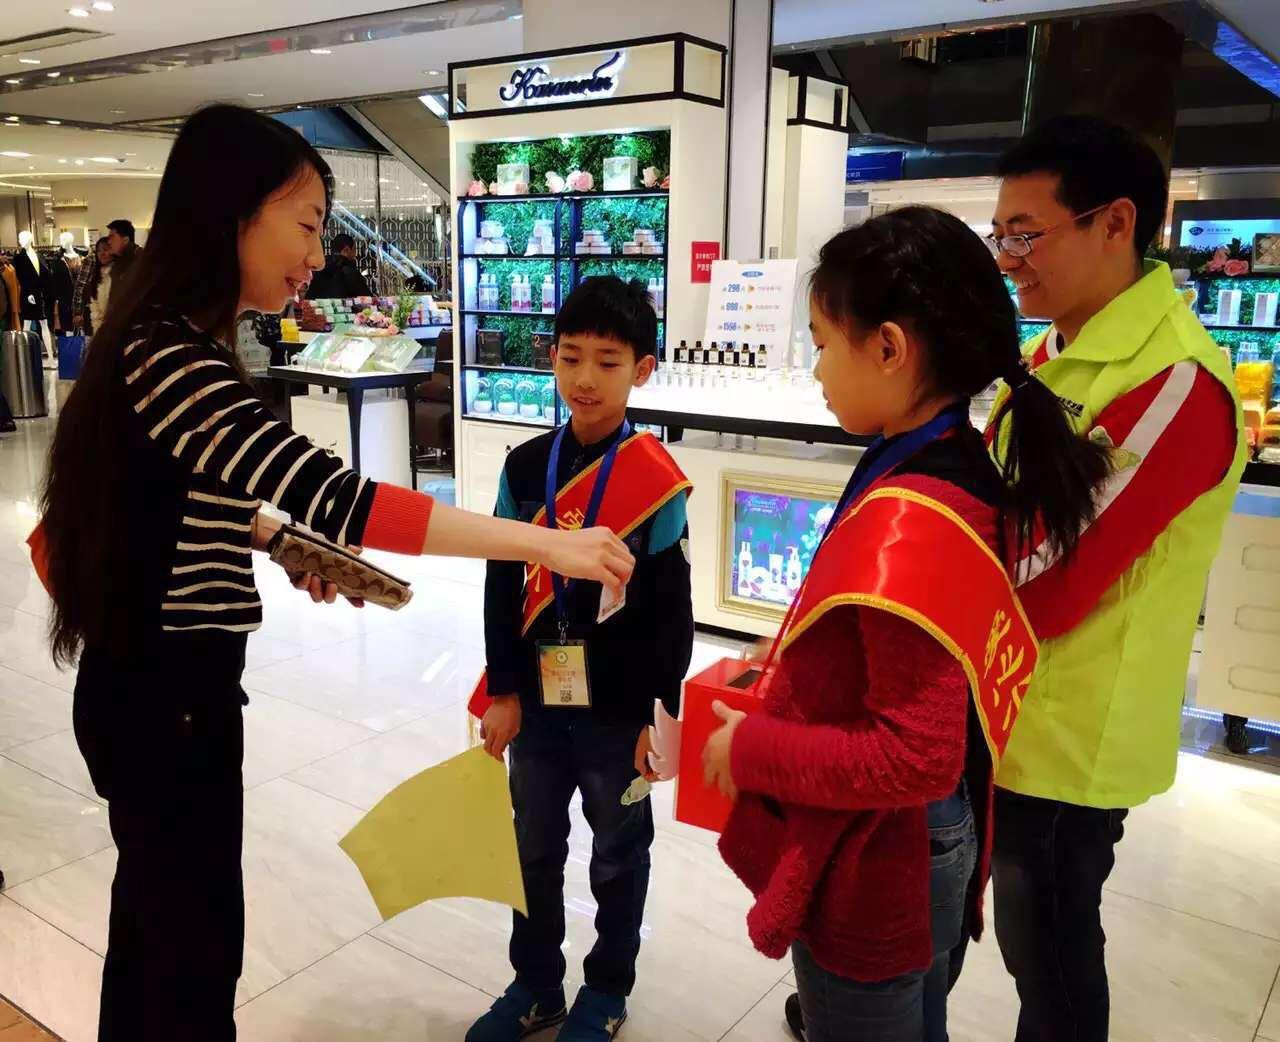 """一群可爱的孩子身披""""爱心小天使""""绶带,手中抱着捐款箱,在向过往的顾客"""